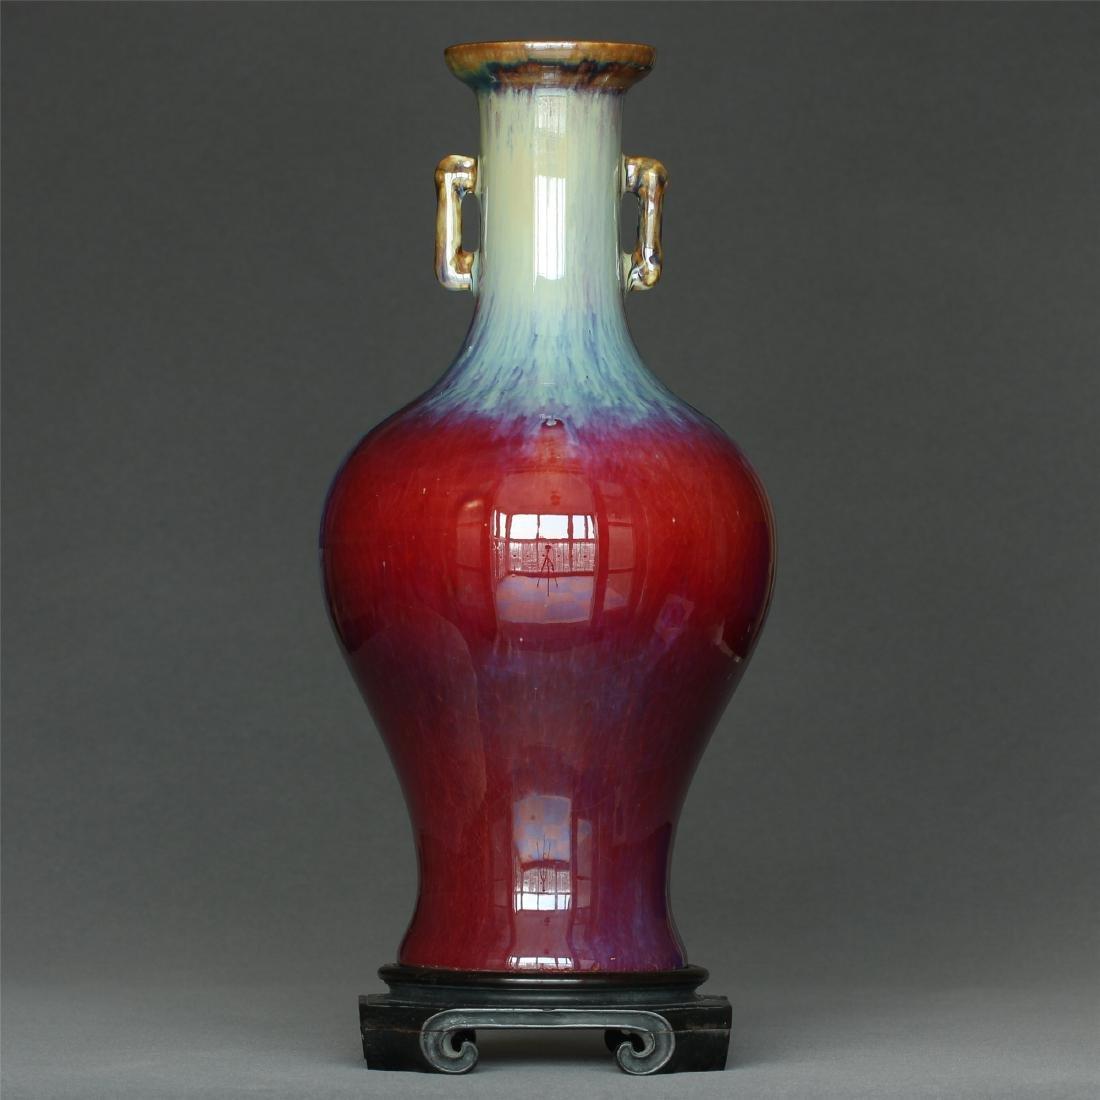 Red glaze discoloration porcelain vase of Qing Dynasty